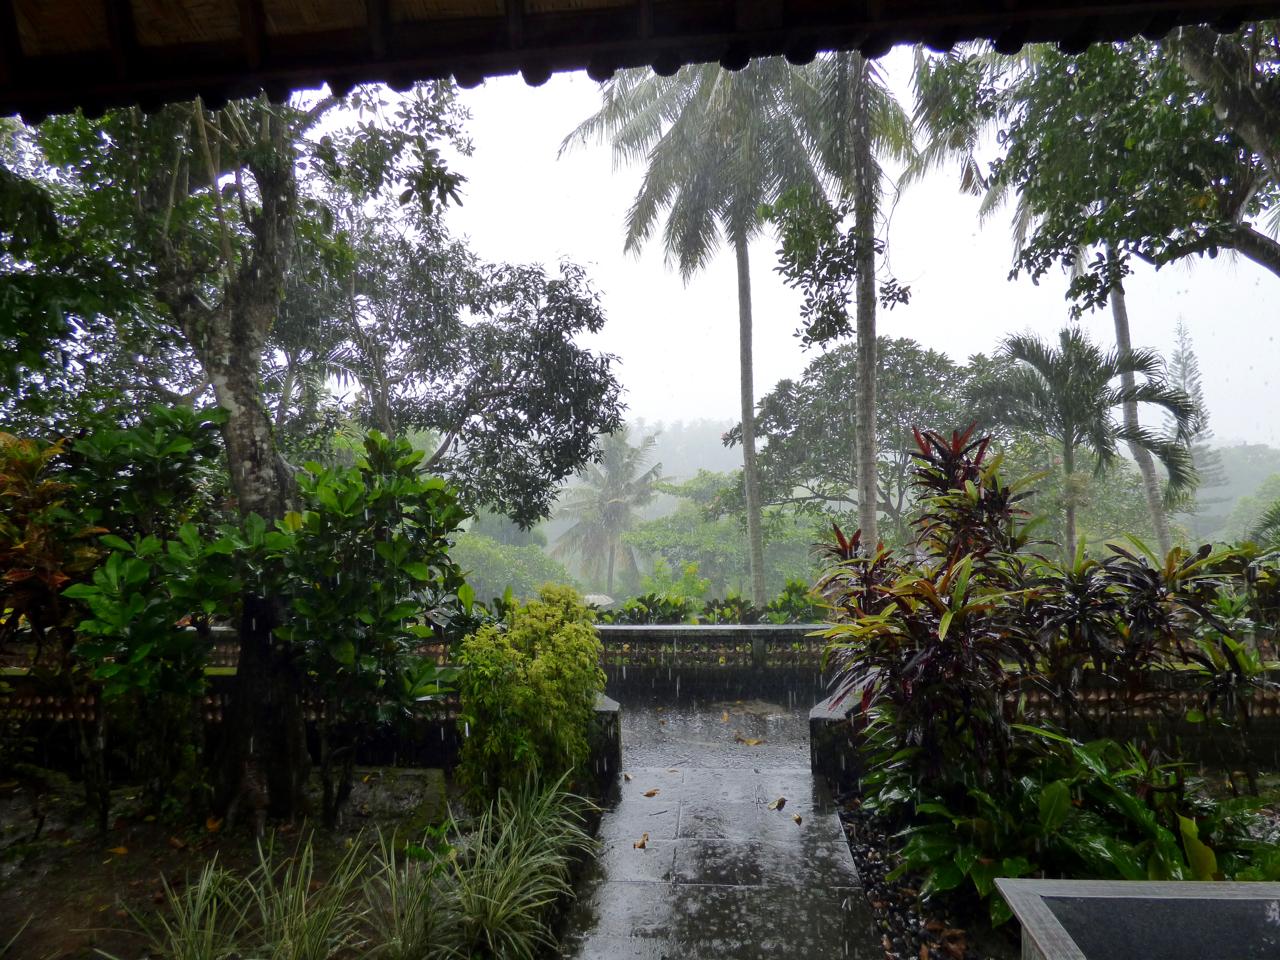 Monsoon in Ubud, Indonesia